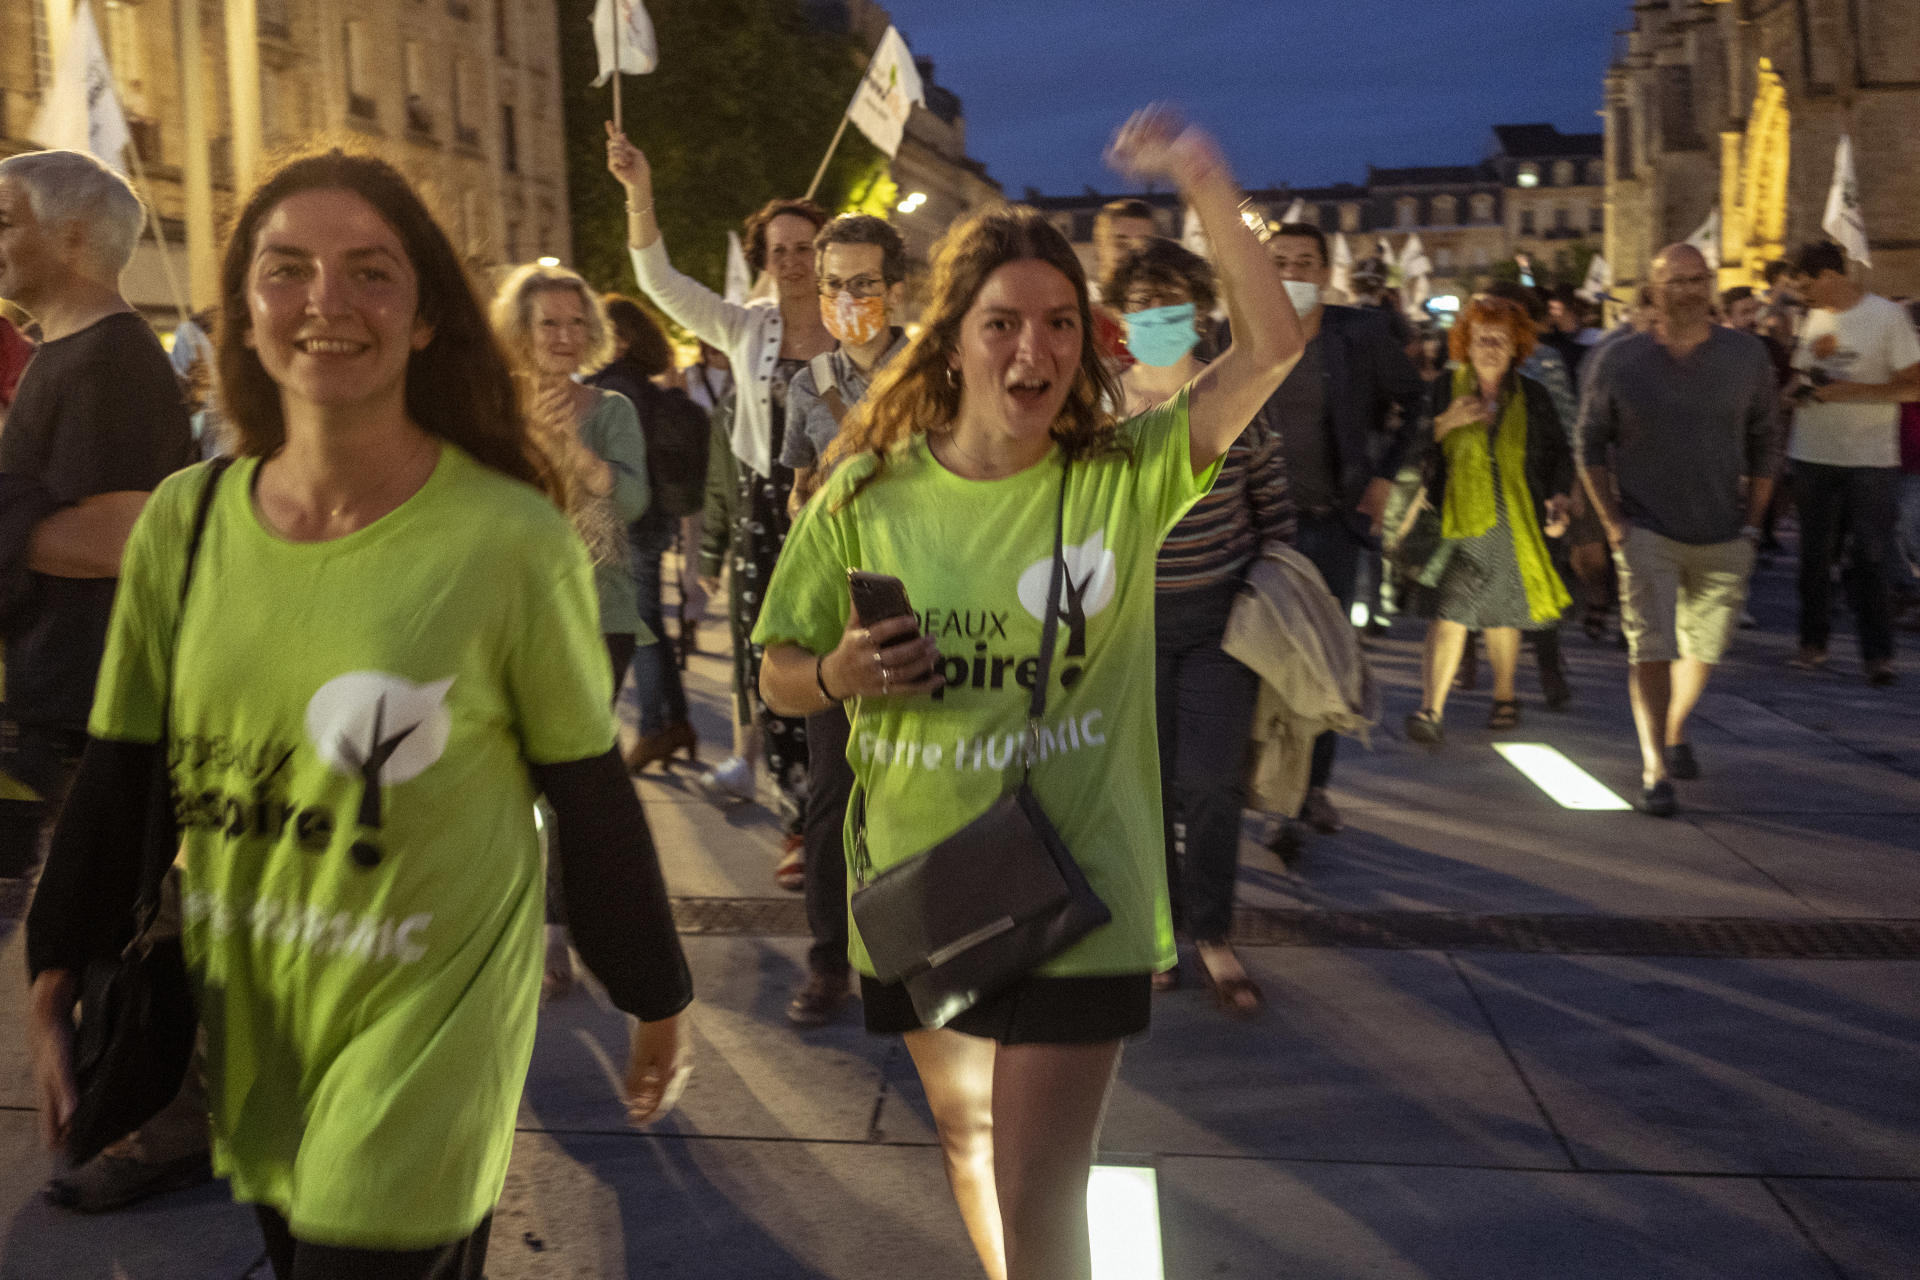 Des supporteurs de Pierre Hurmic (EELV) fêtent sa victoire au second tour des élections municipales à Bordeaux, le 28 juin.